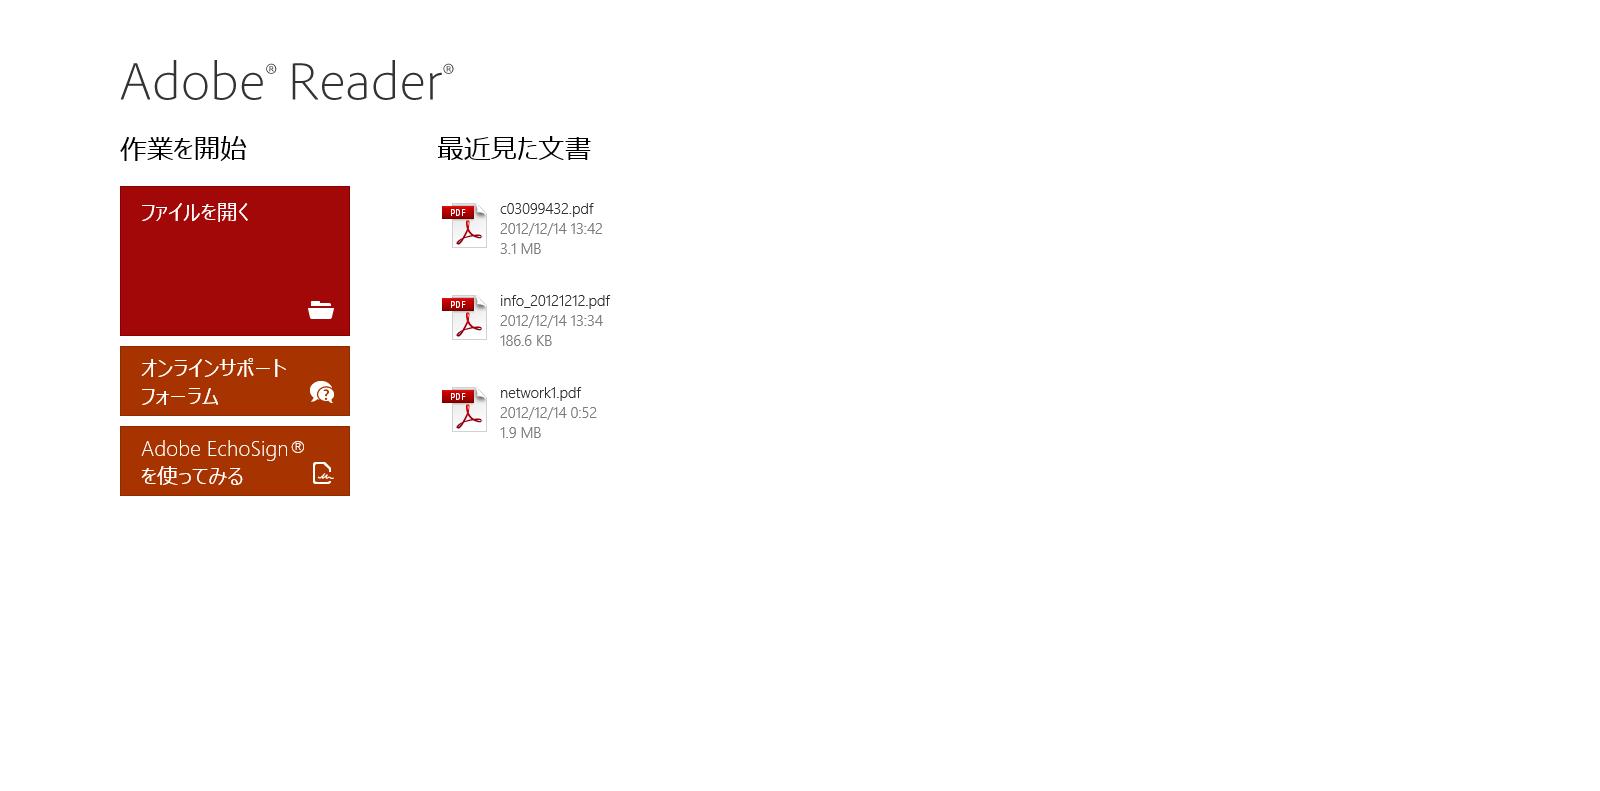 アドビ システムズ windows 8 windows rt 用 adobe reader を公開